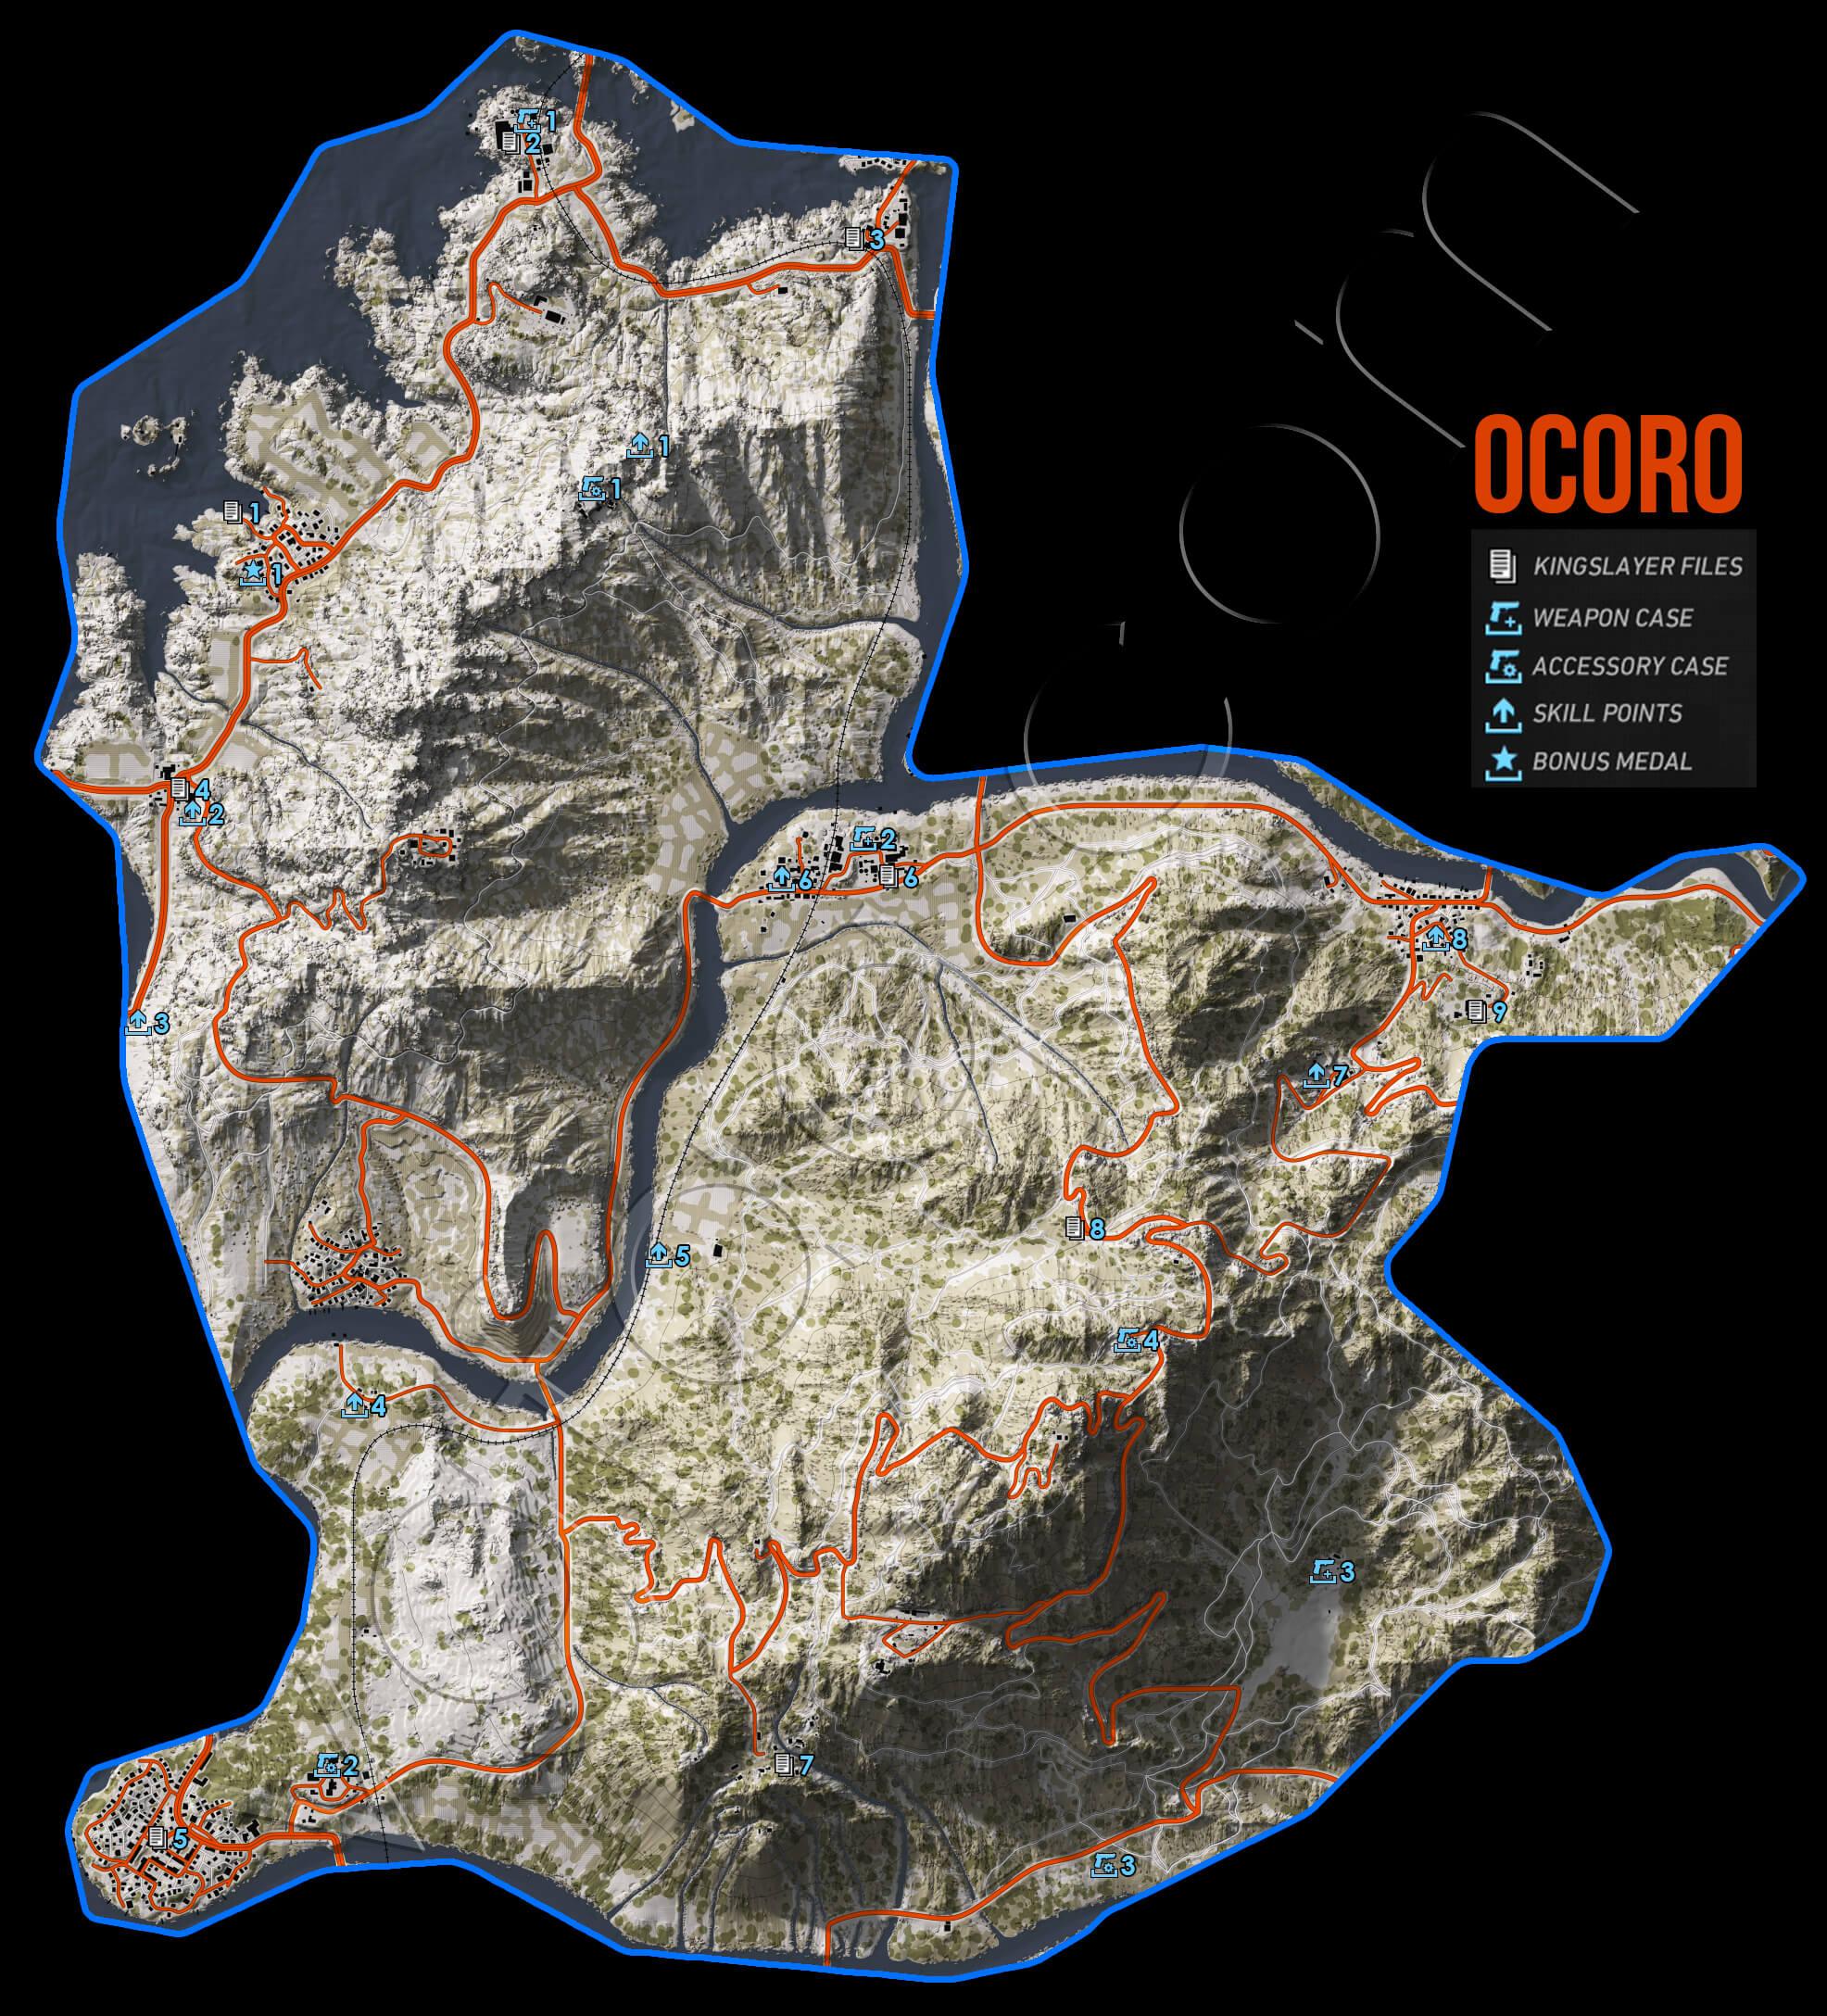 Ghost Recon Wildlands Ocoro Collectables Map